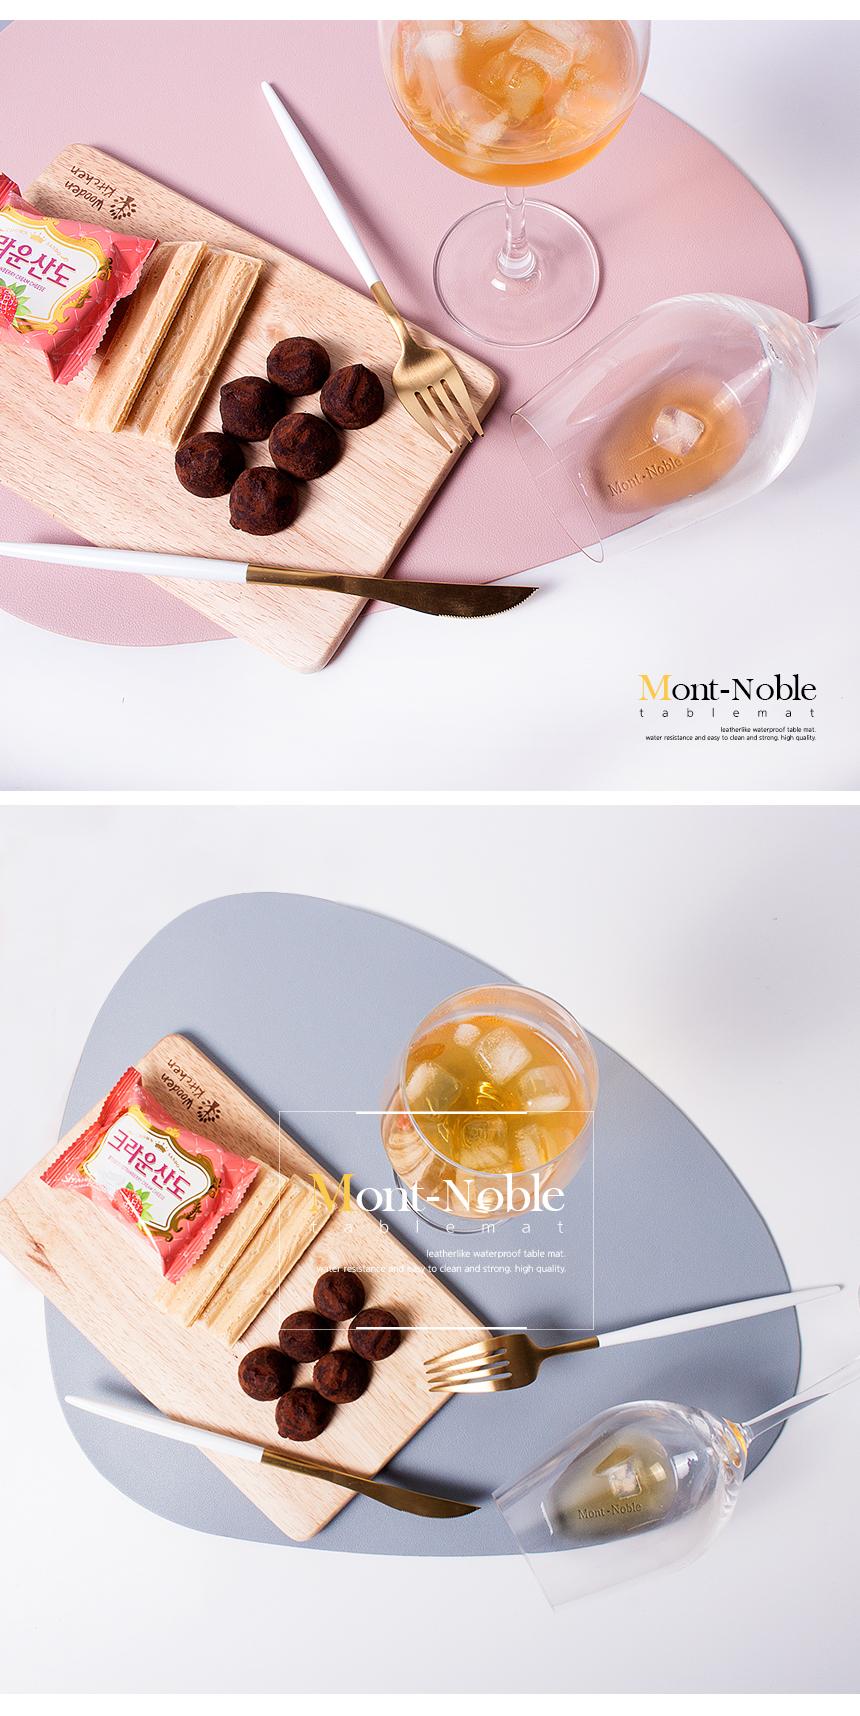 몽트노블 가죽 방수 테이블 매트 식탁매트(대) - 몽트노블, 8,140원, 식탁, 식탁매트